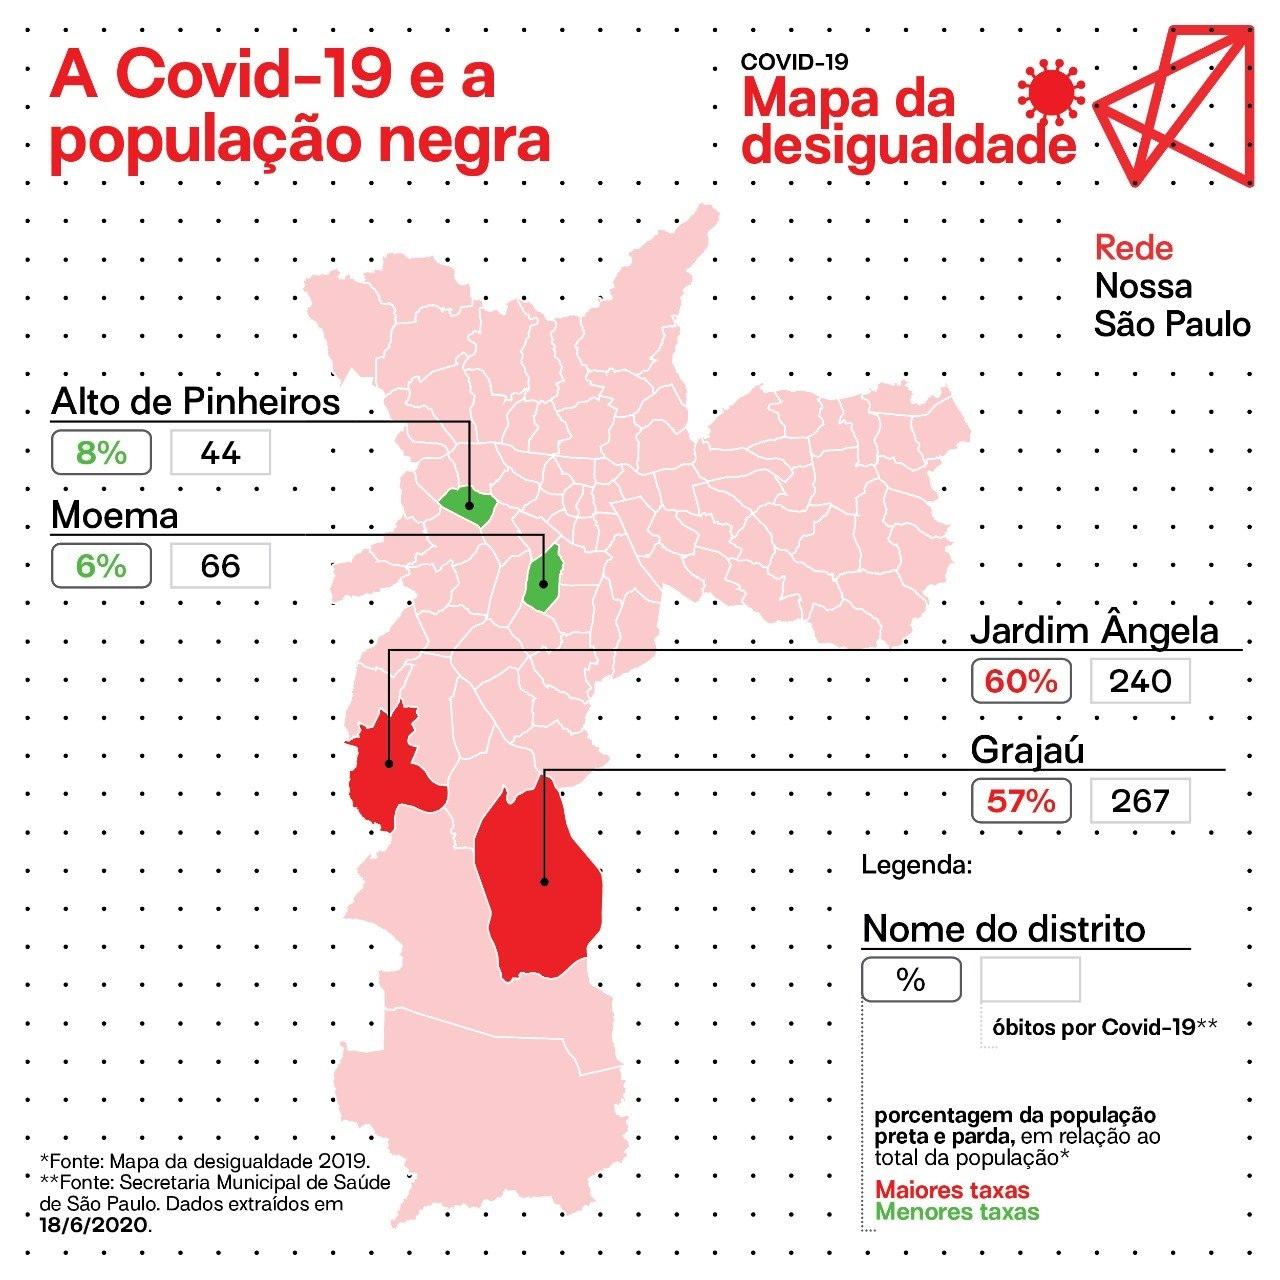 Mapa da relação entre população negra e óbitos por covid-19